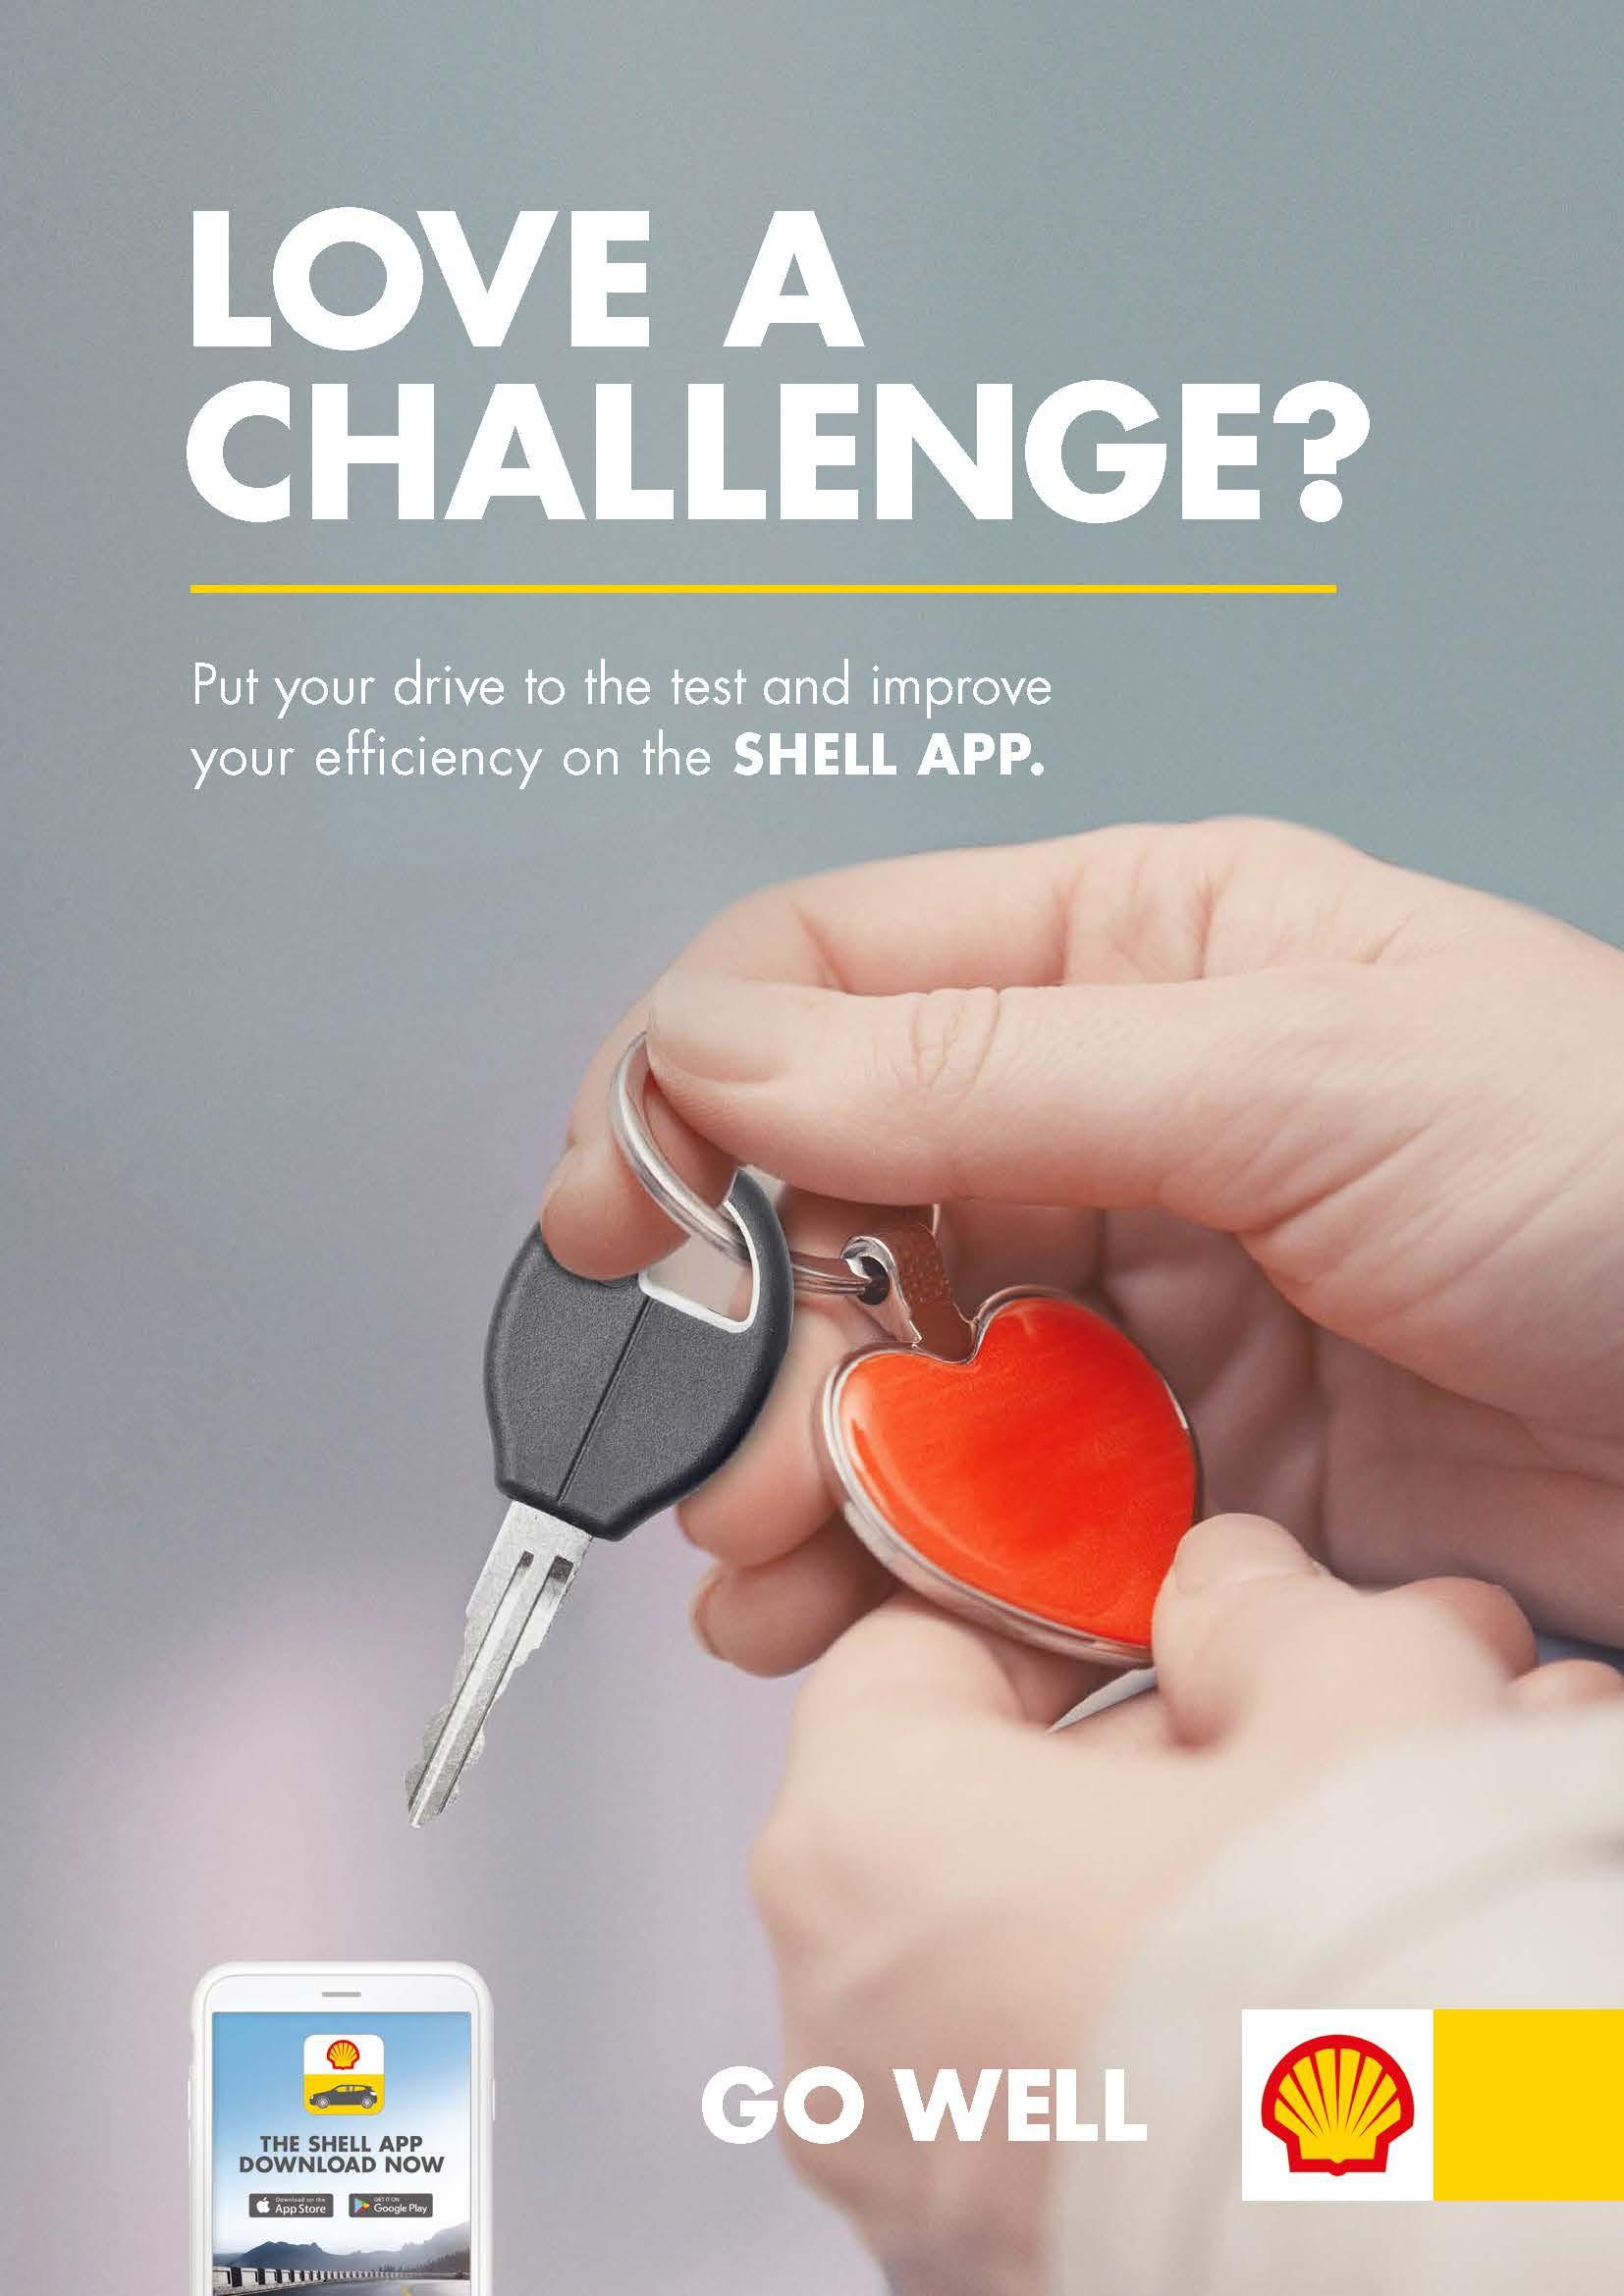 Love a challenge.jpg